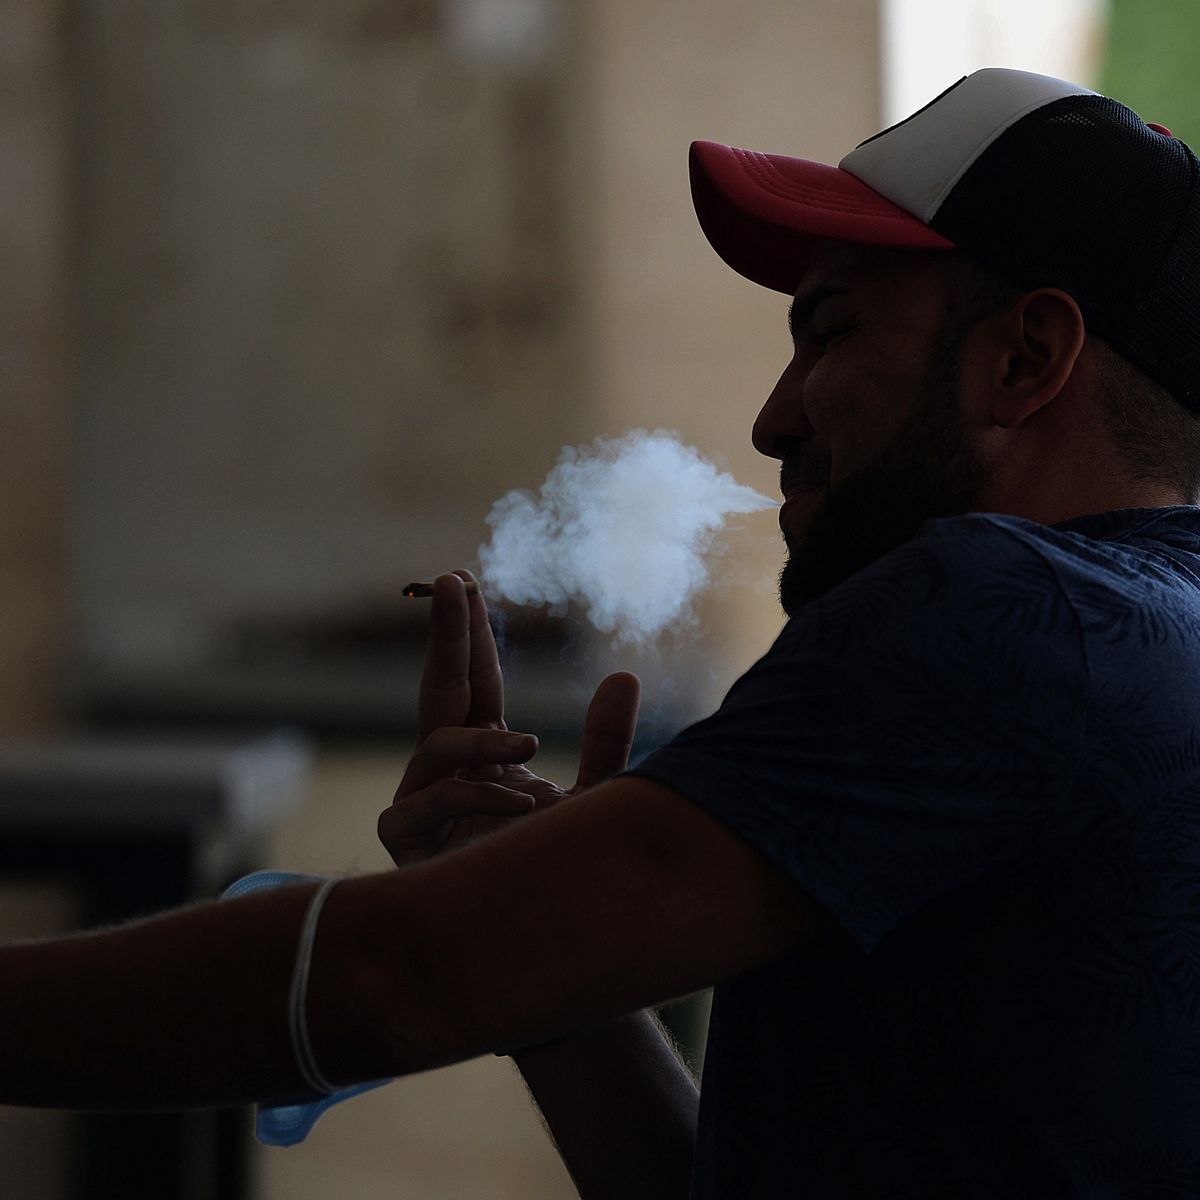 Tabagisme : 1,2 million de non-fumeurs sont morts des suites d'une exposition à la fumée du tabac. (Oms)